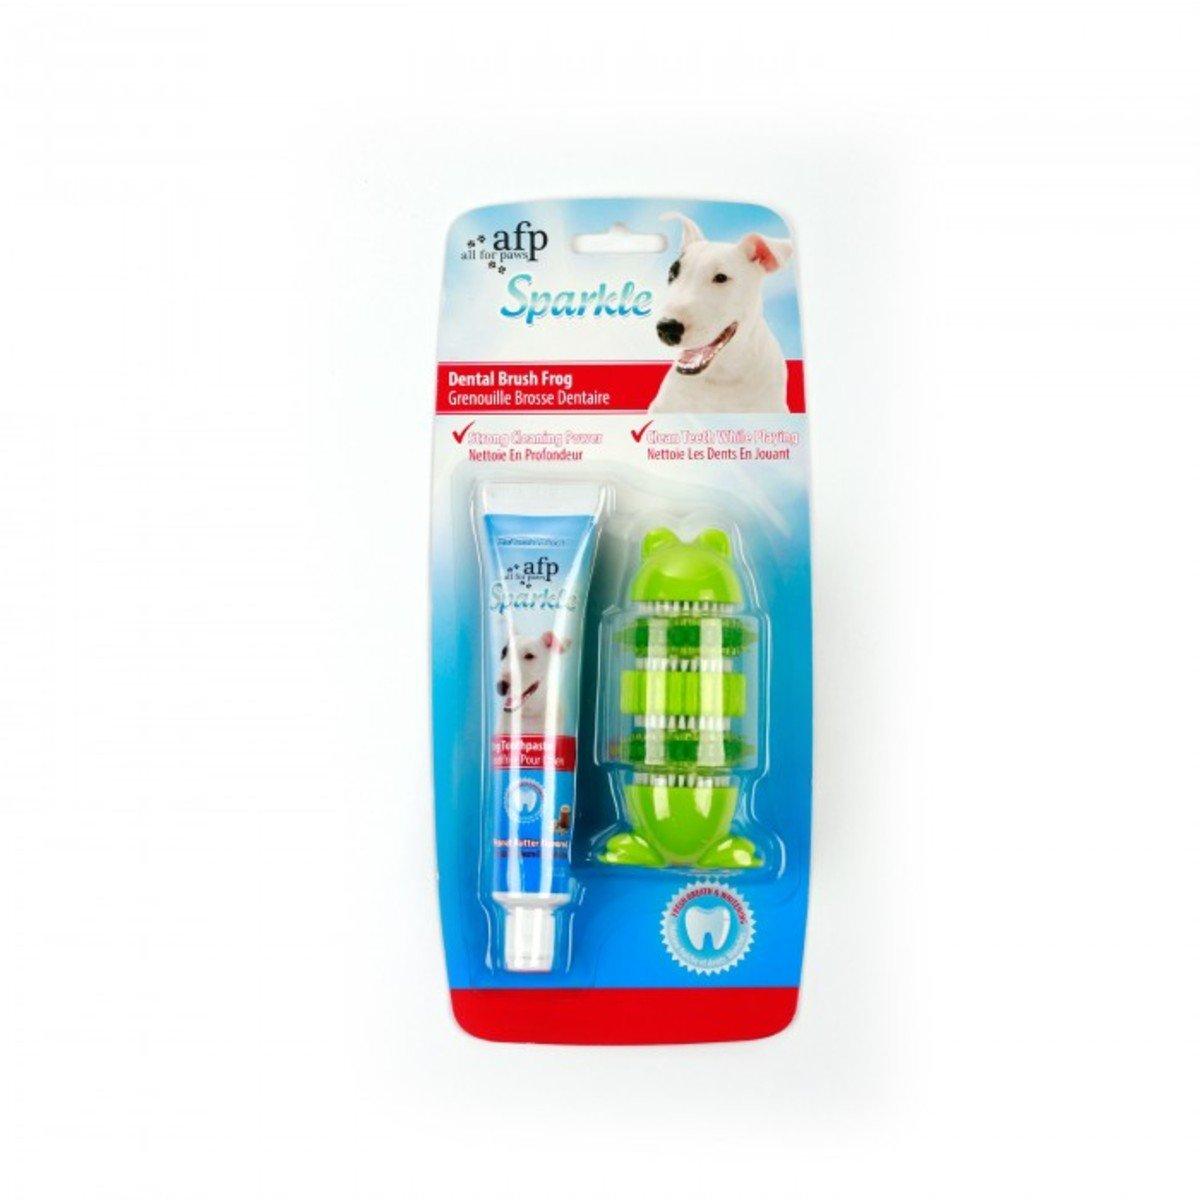 刷牙玩具連牙膏套裝 - 青蛙